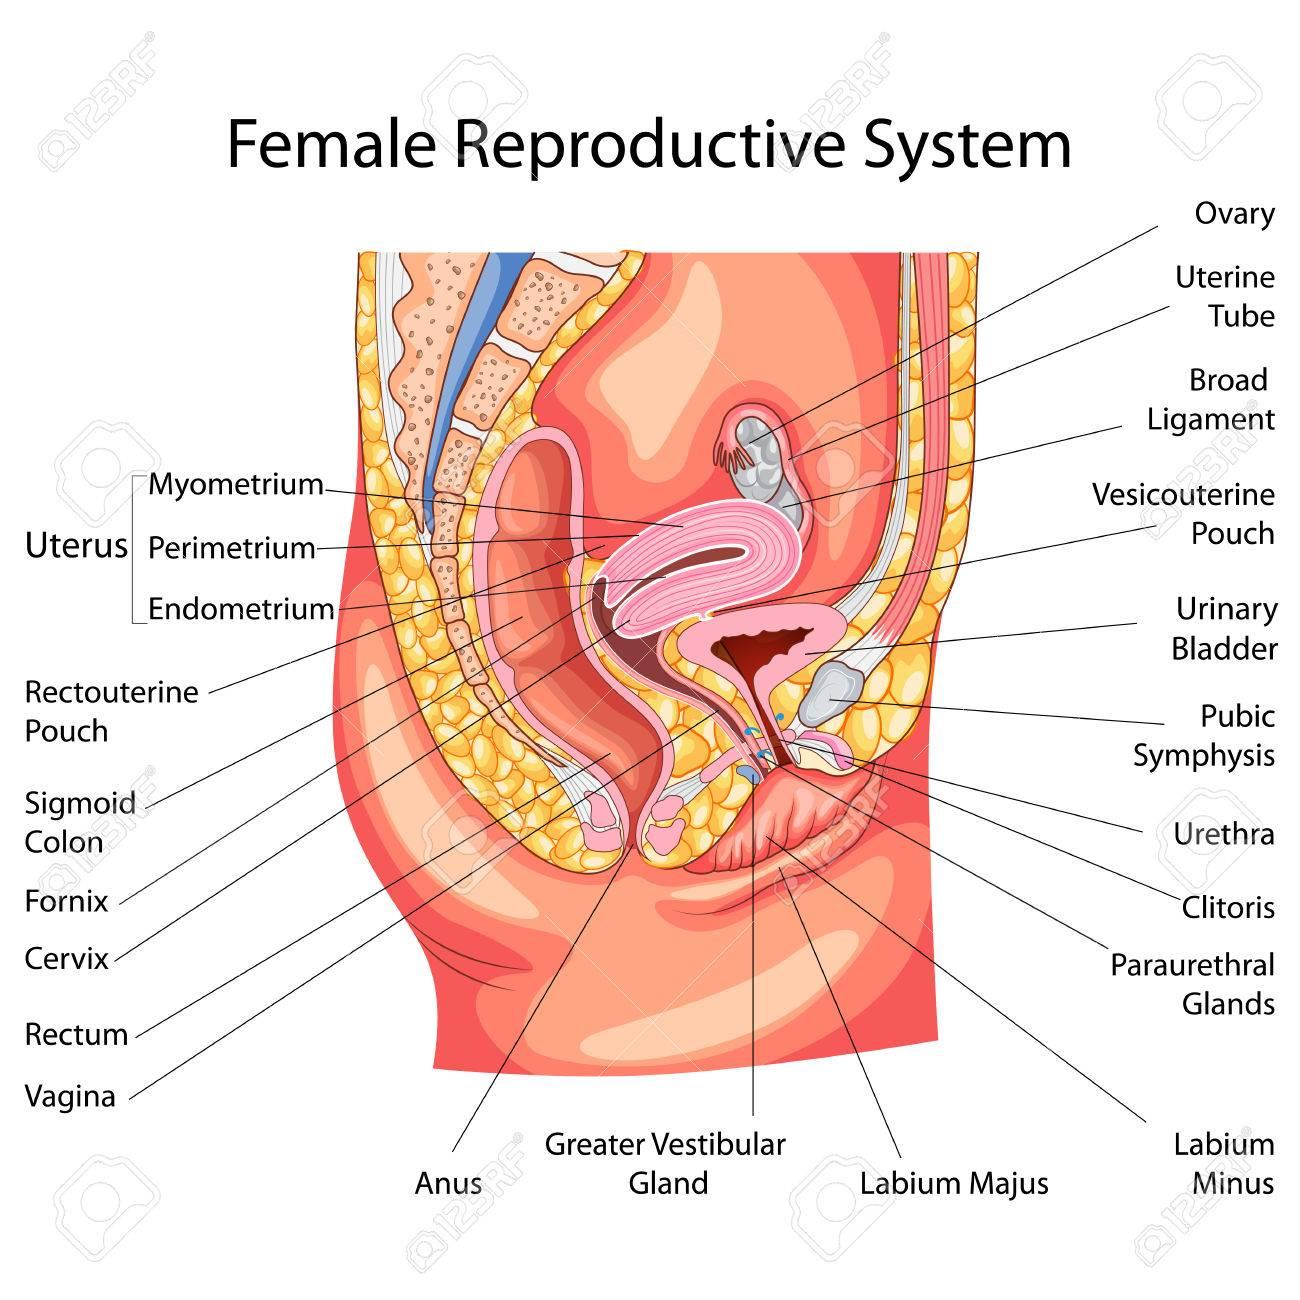 Bonito Diagrama De La Anatomía Del Sistema Reproductor Femenino ...